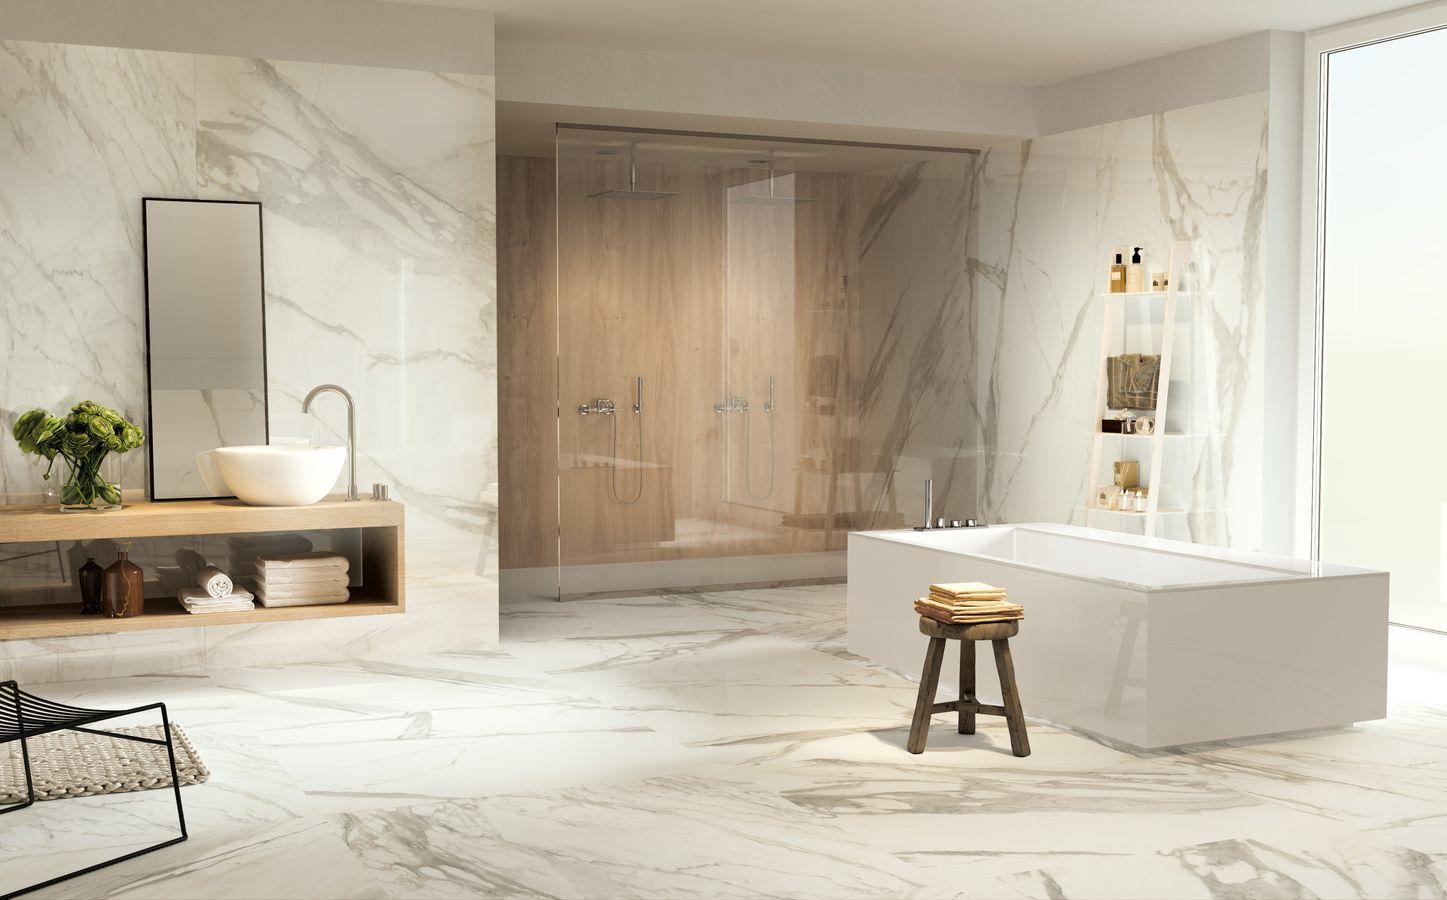 marmol y madera para baño | DECORACION | Pinterest | Baño, Madera y ...